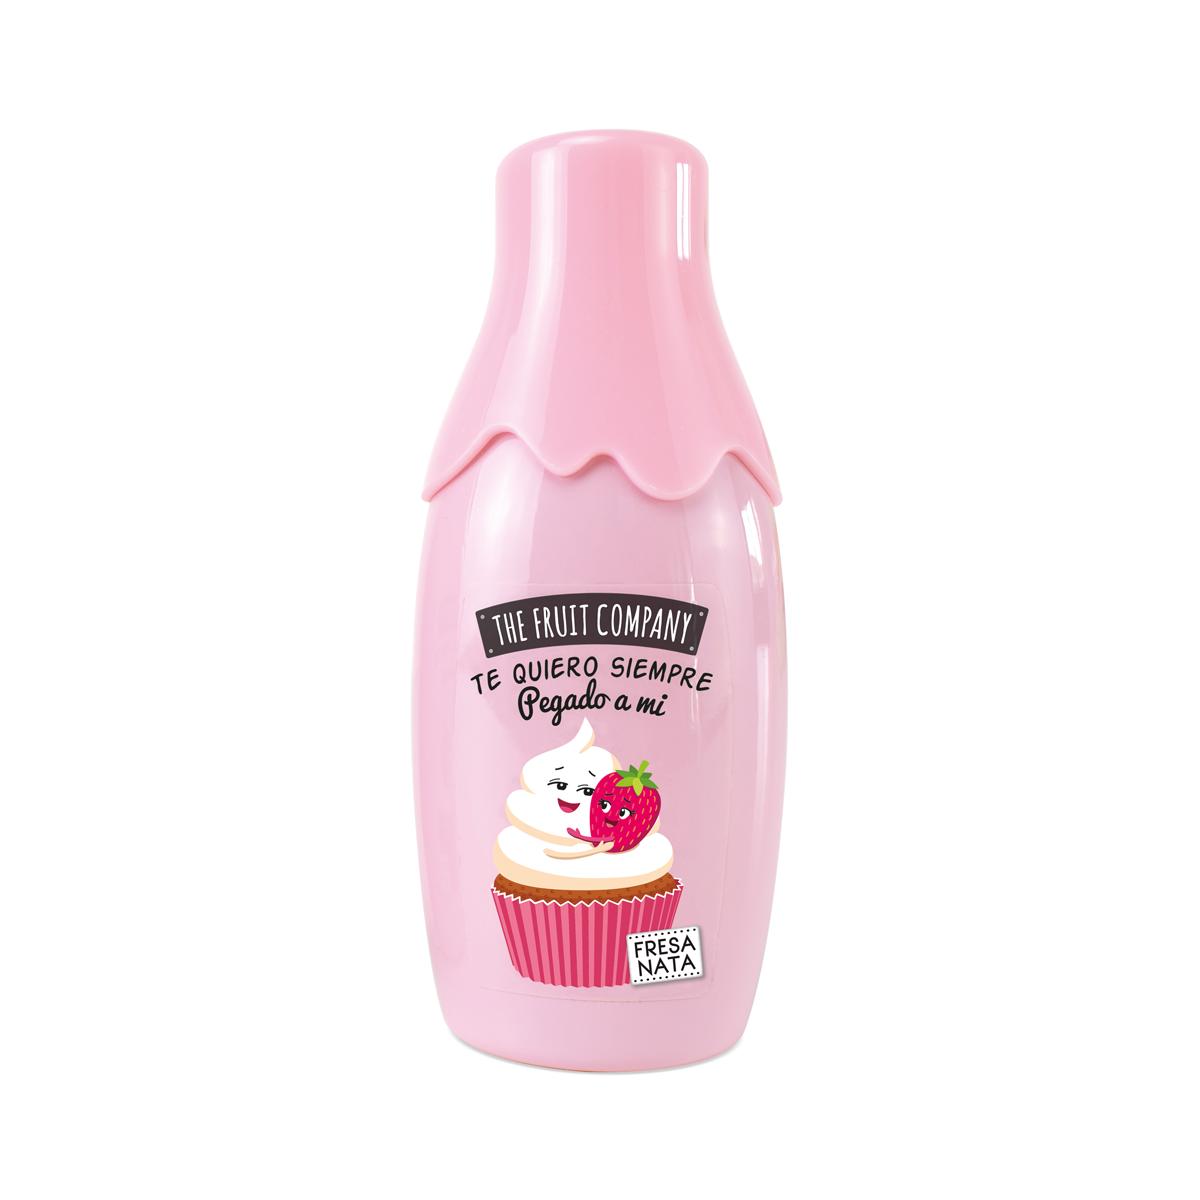 The Fruit Company Eau Toilette Fresa Nata 40ml